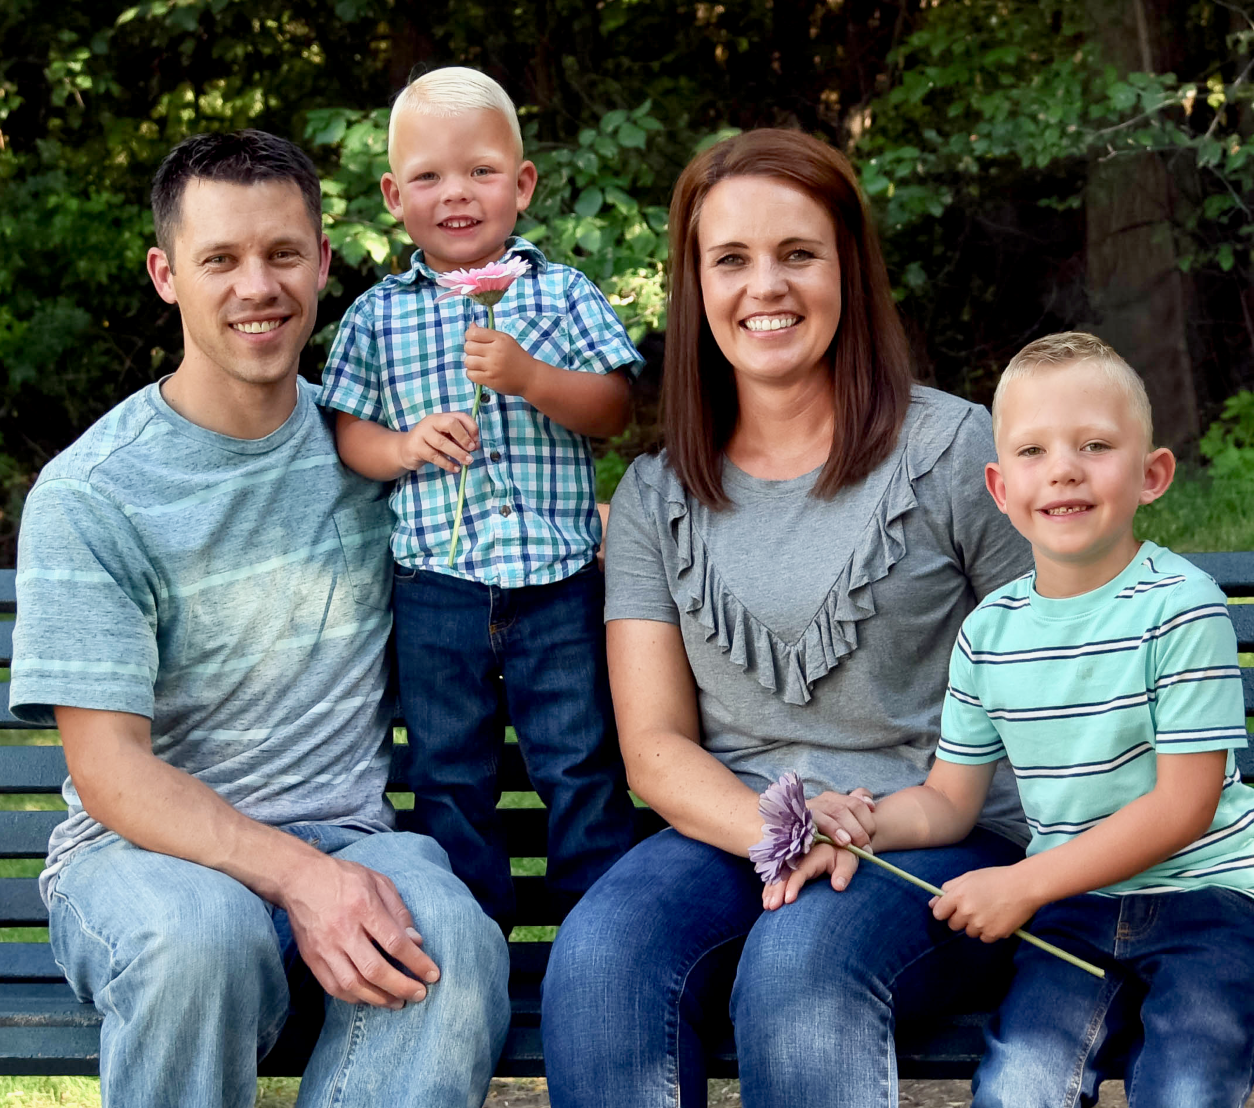 Jensen Family Story